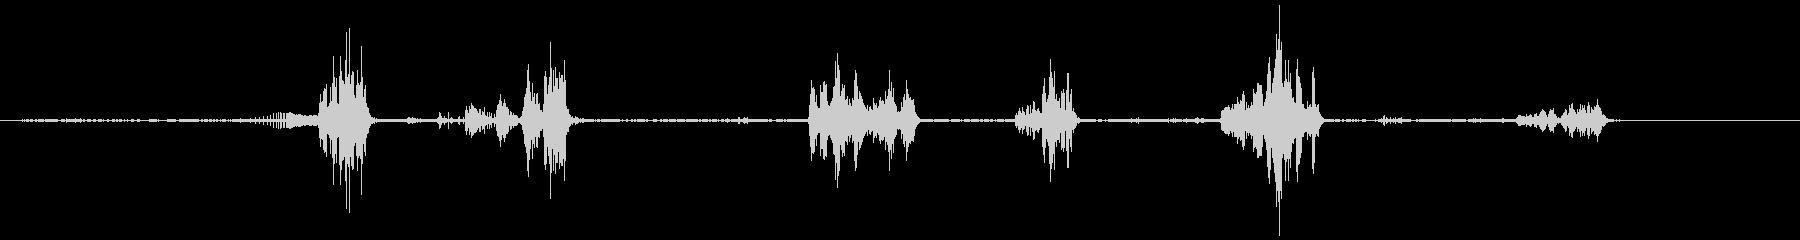 イルカ-屋内プール4の未再生の波形